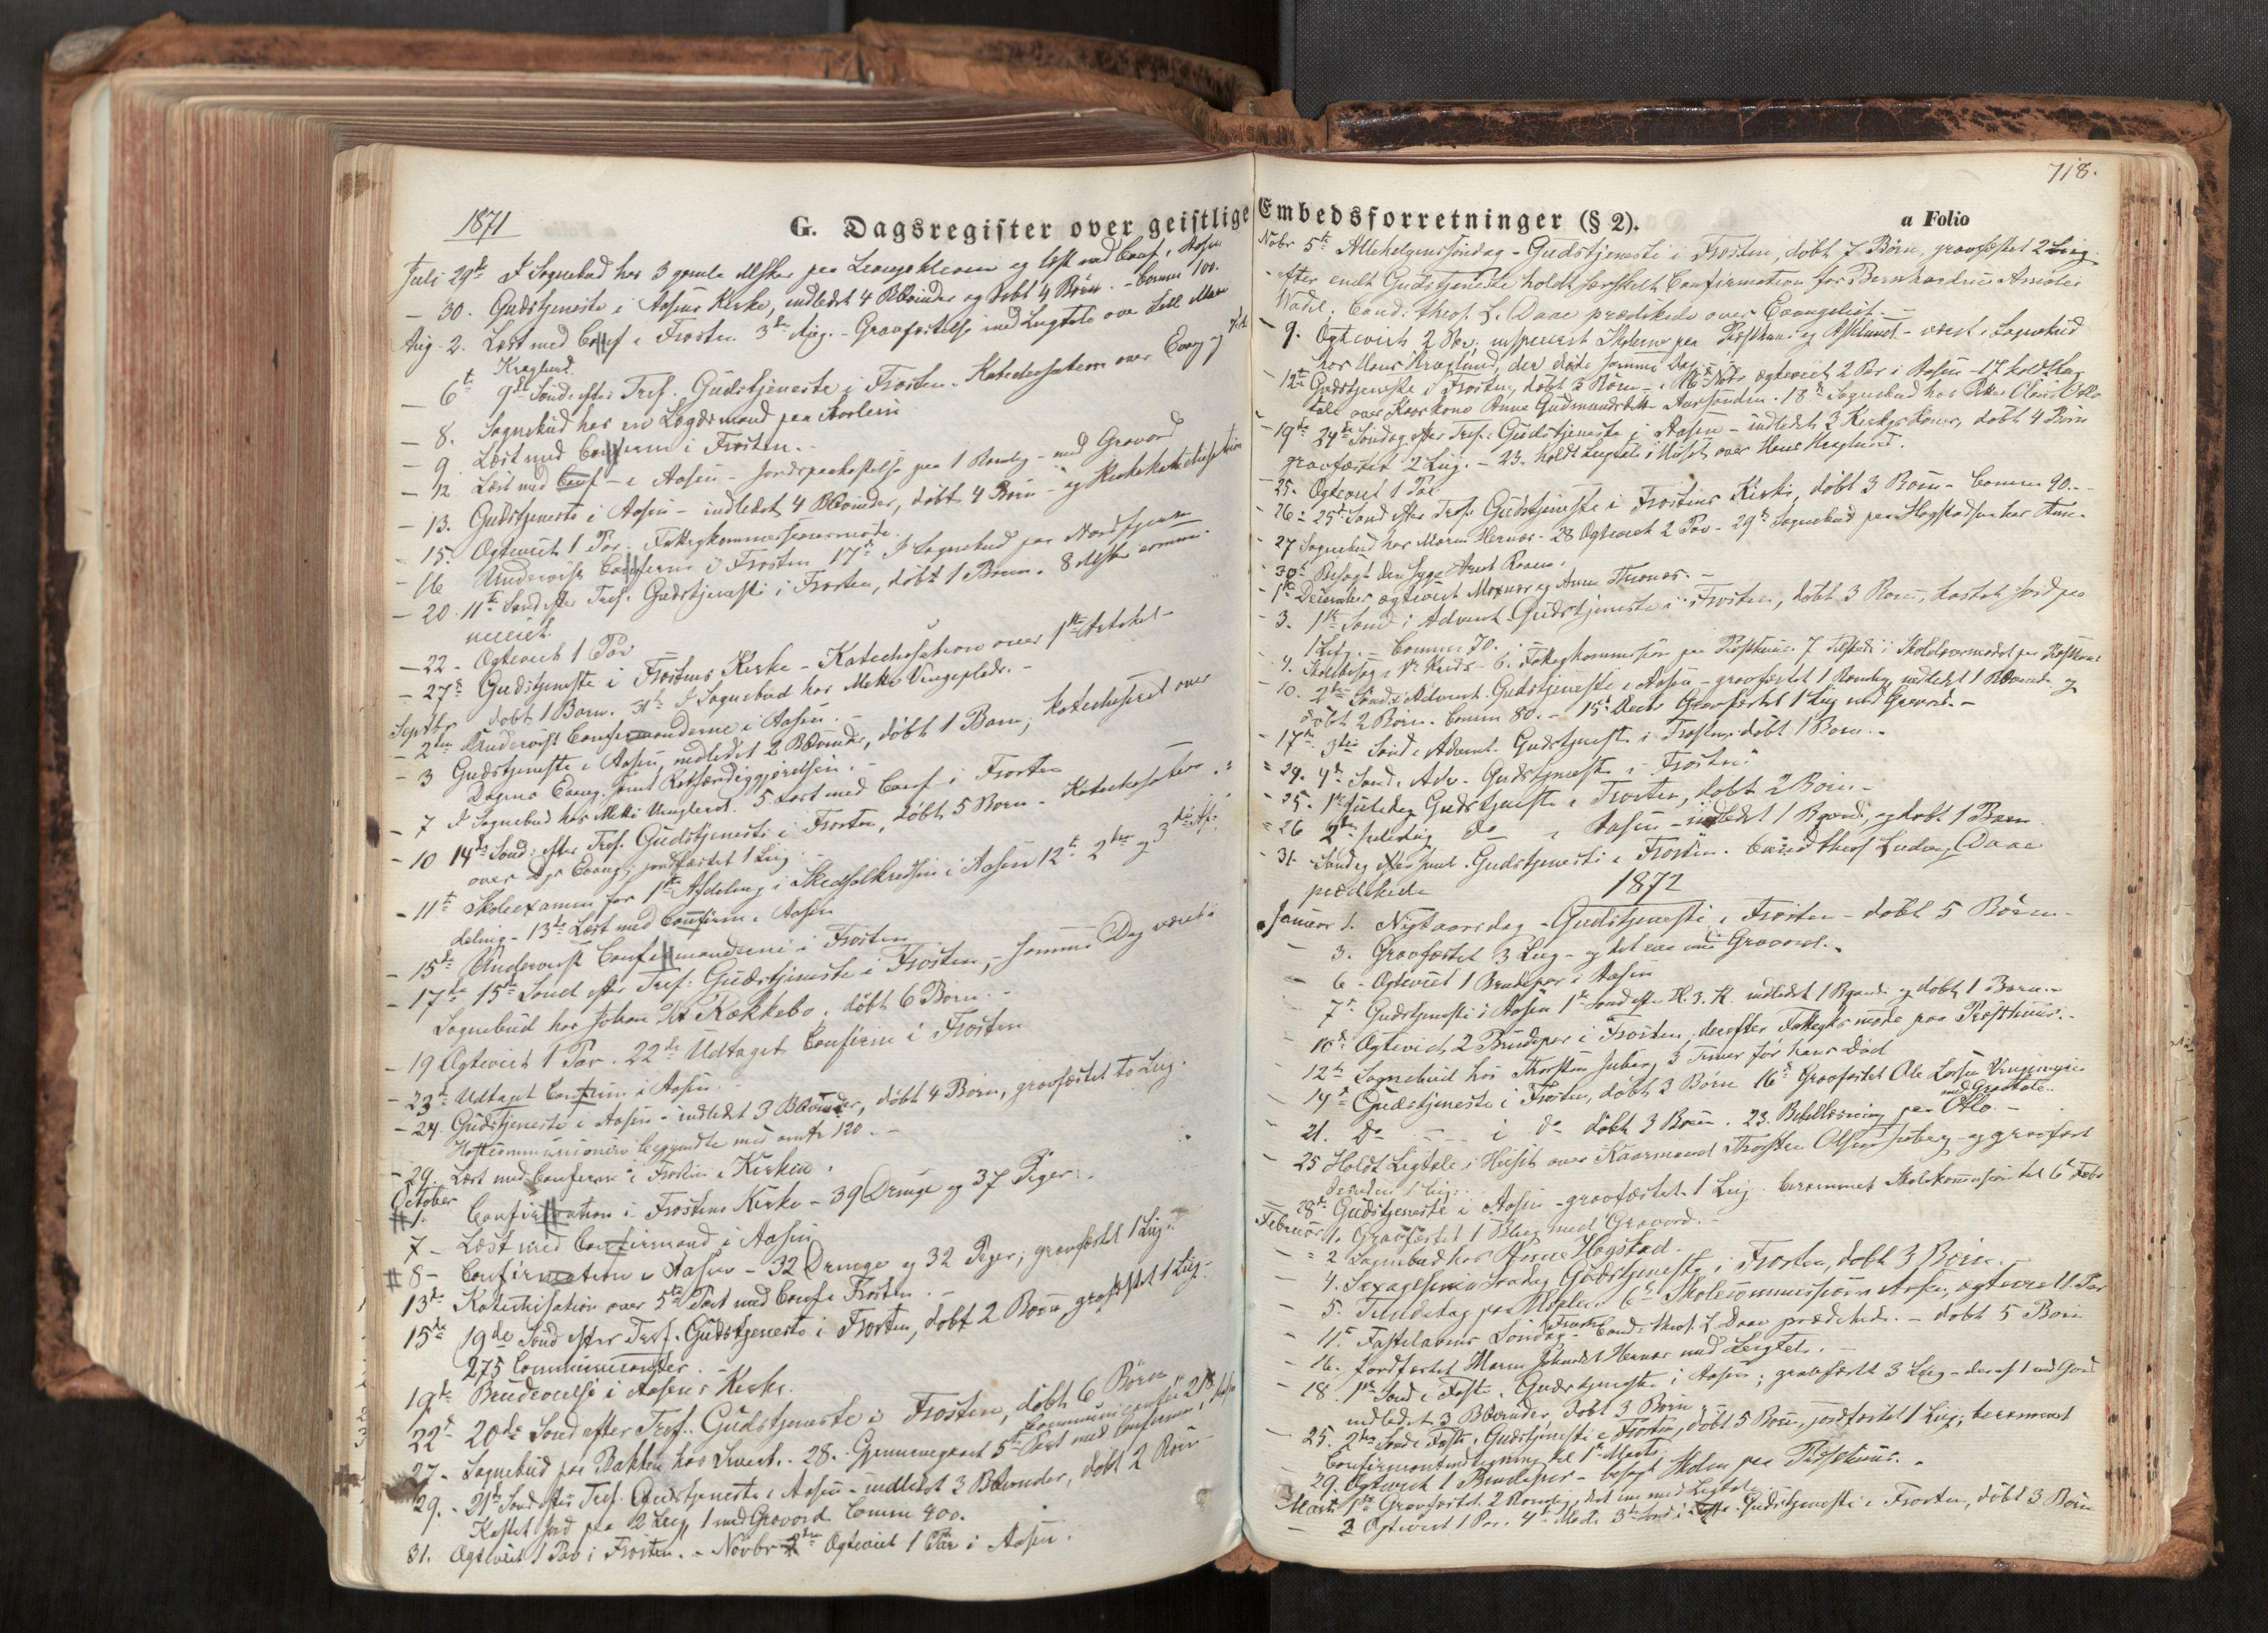 SAT, Ministerialprotokoller, klokkerbøker og fødselsregistre - Nord-Trøndelag, 713/L0116: Ministerialbok nr. 713A07, 1850-1877, s. 718